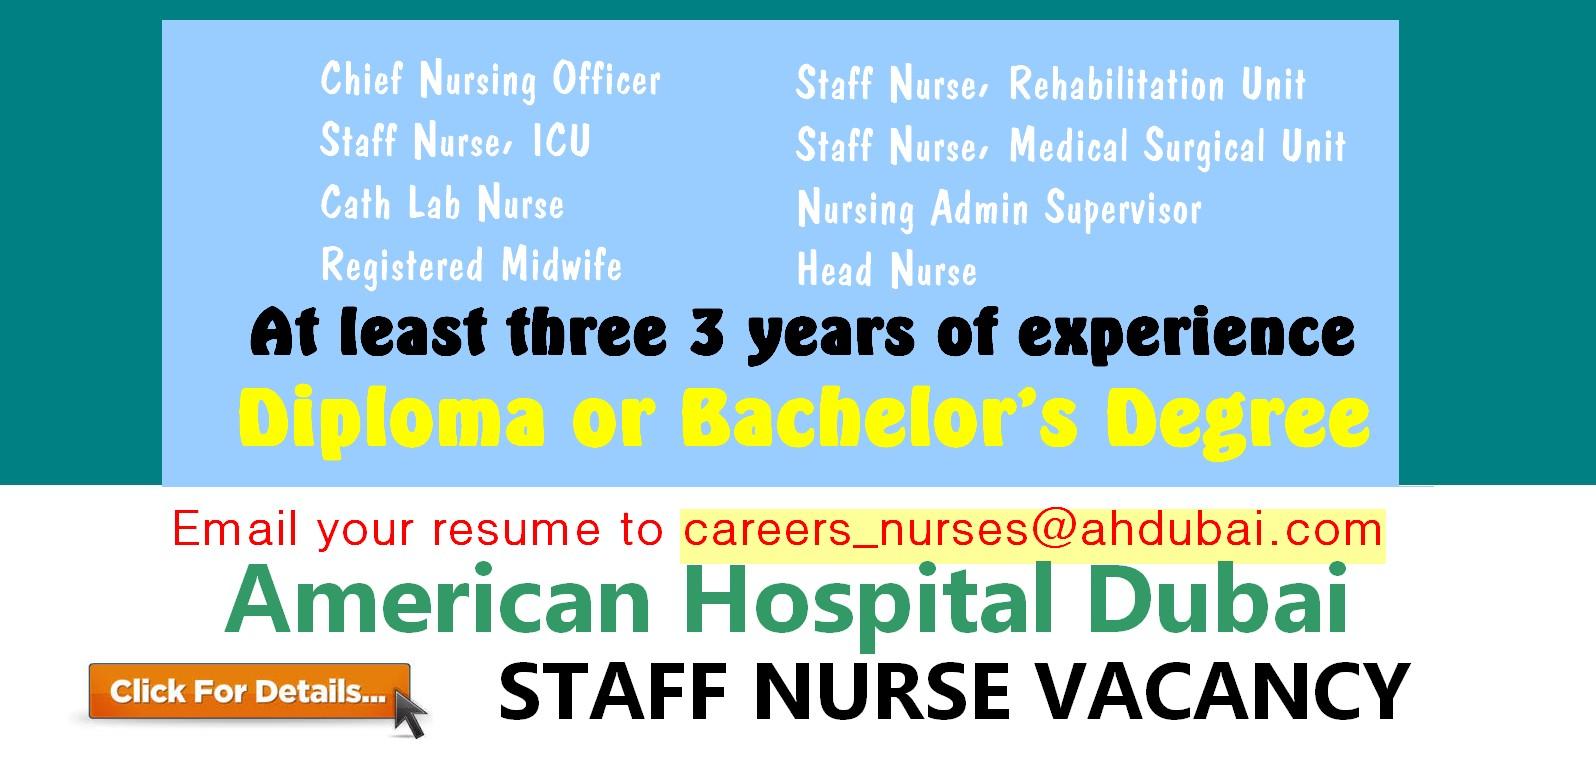 head nurse job description